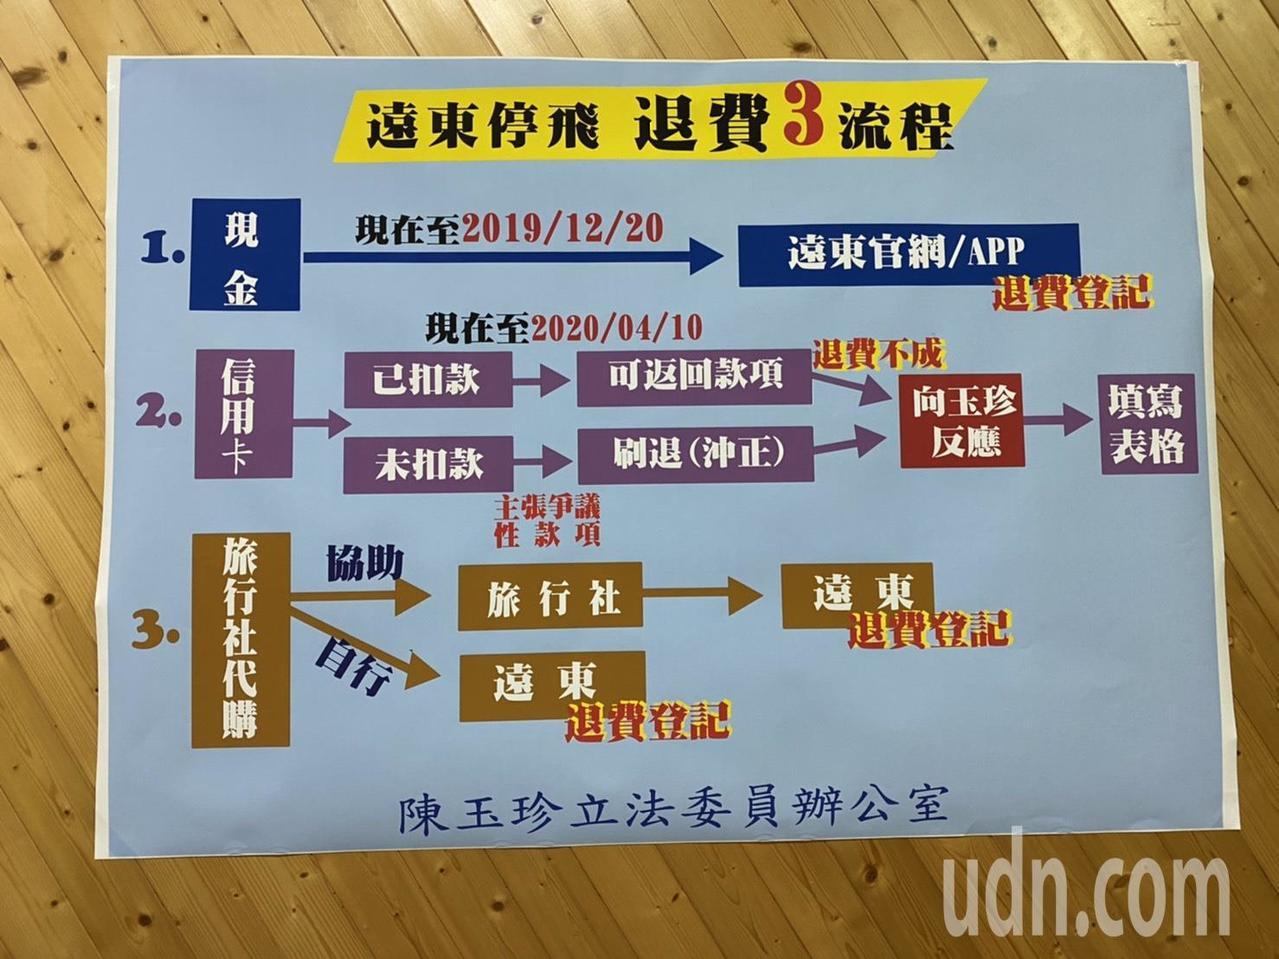 陳玉珍公布退費的「懶人包」,簡單說明退費機制、手續流程等,讓民眾能夠快速的明瞭。...